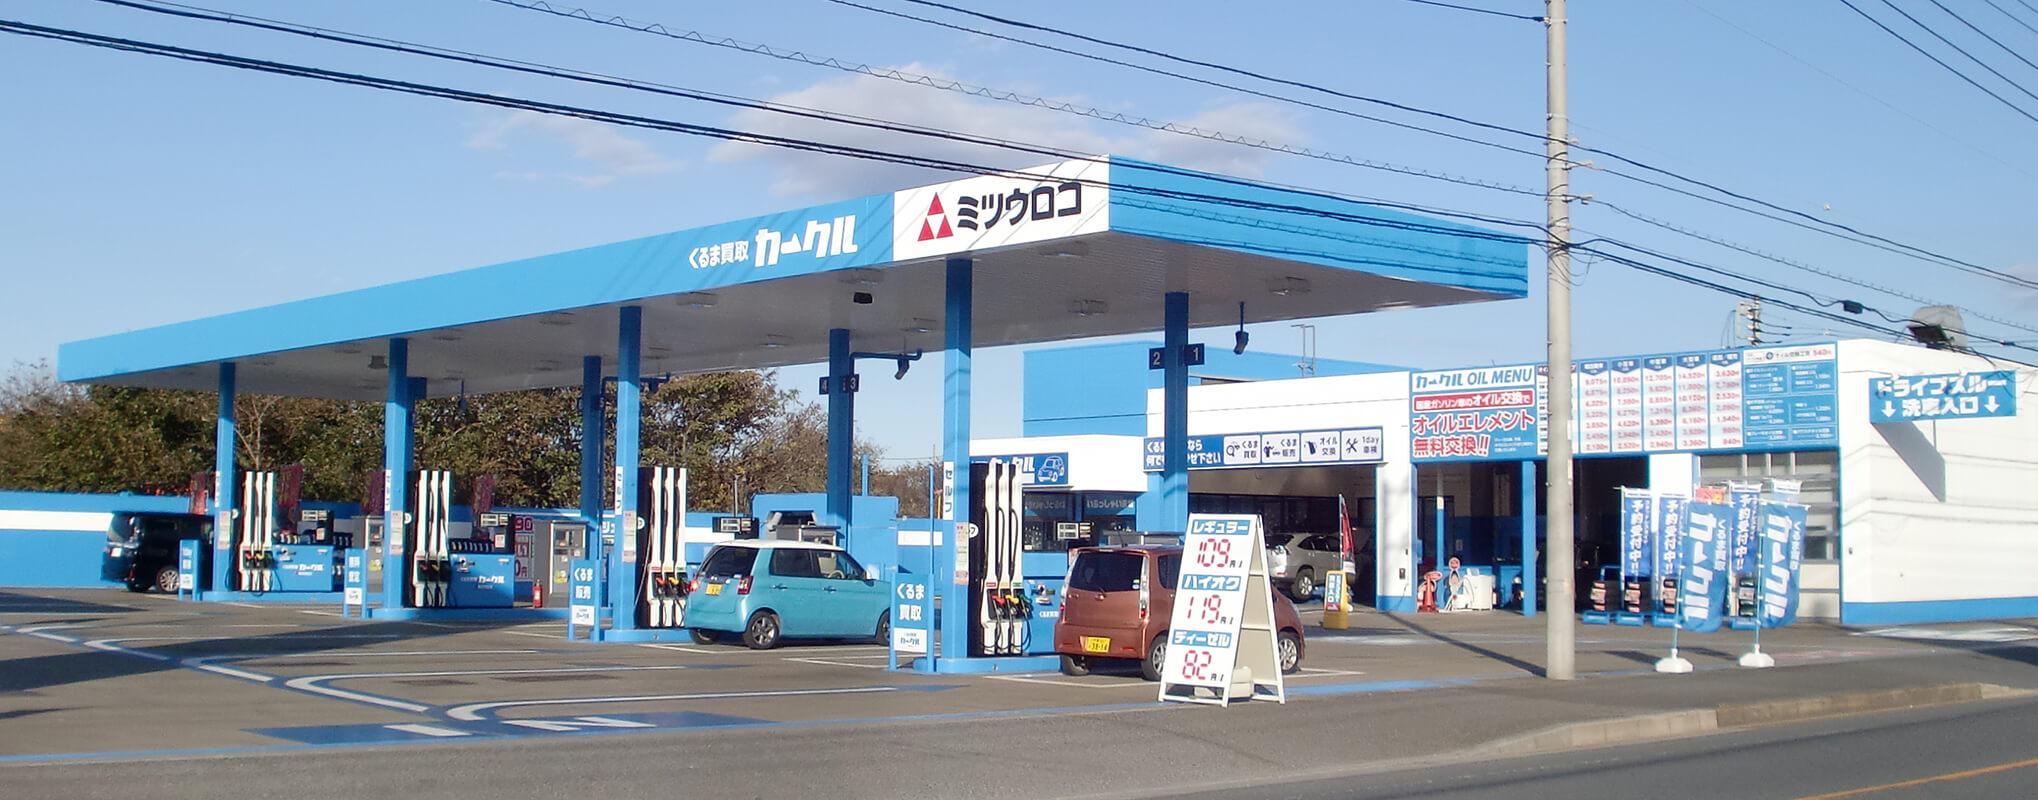 キャンピングカー専門<br>四街道店